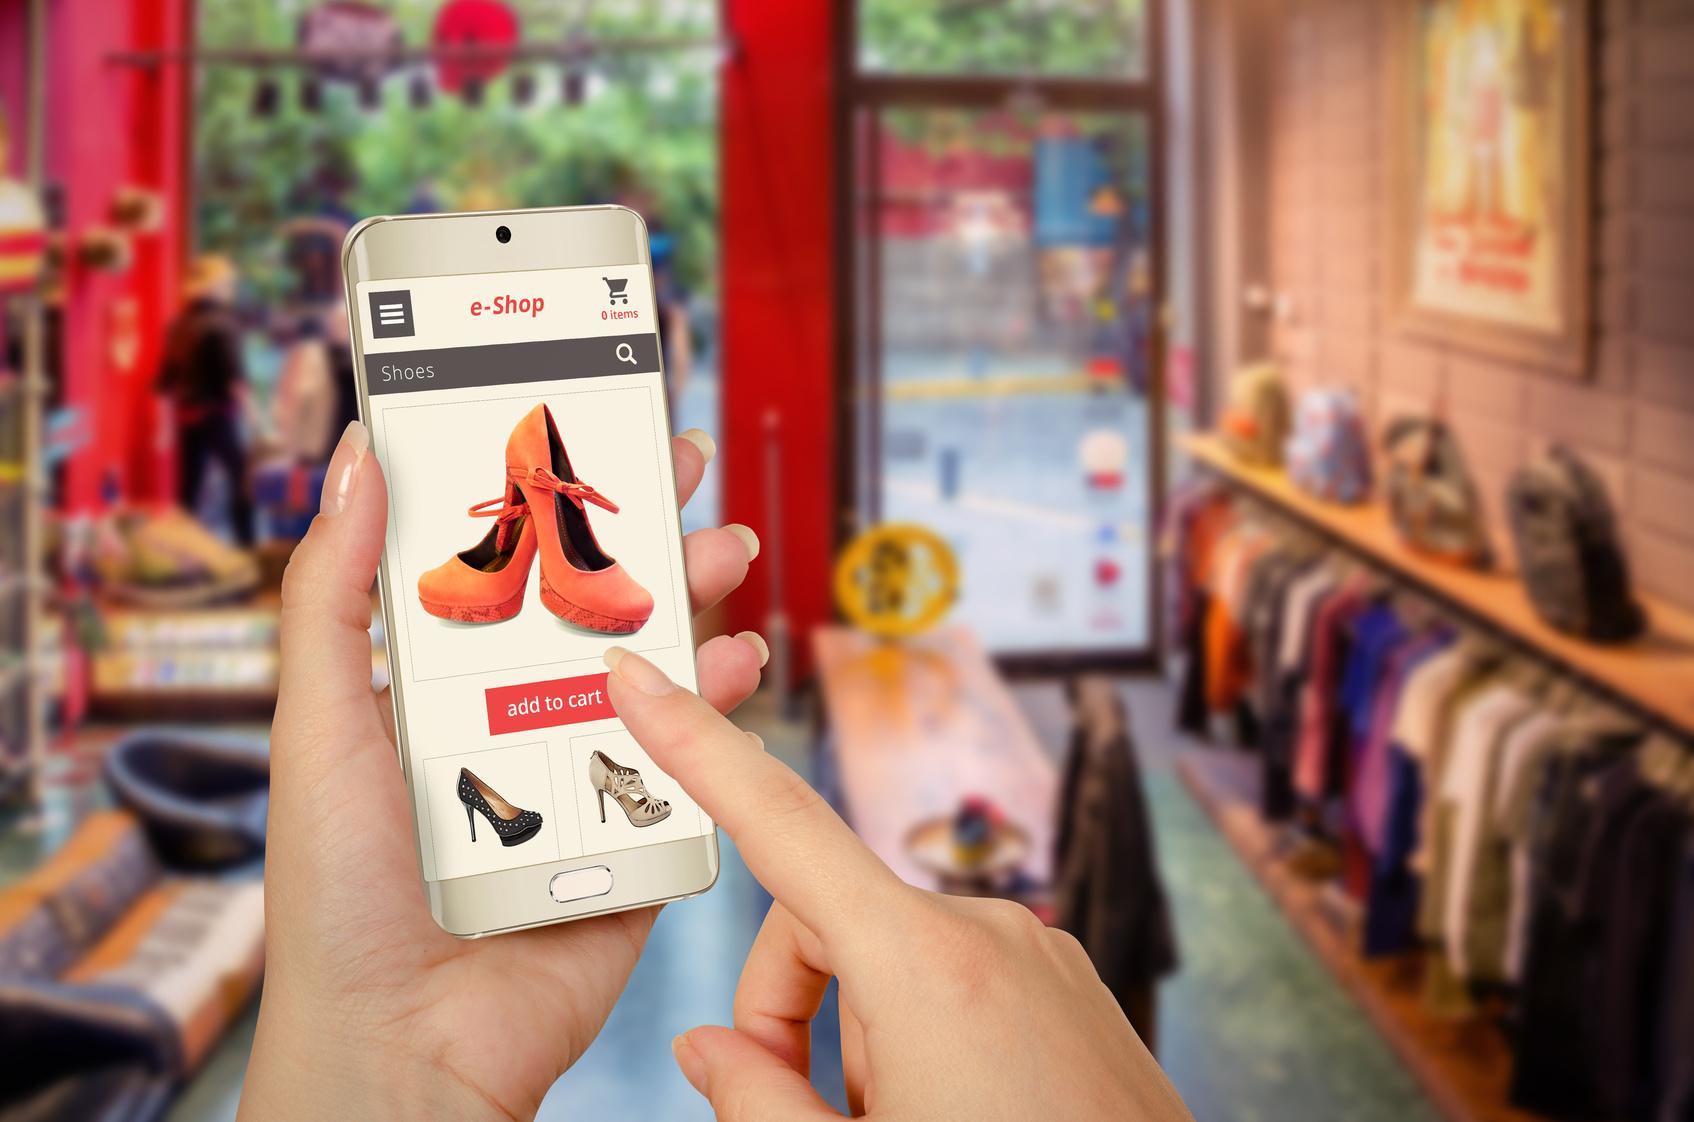 Machen Sie Ihre Online-Shopping zu einem unvergesslichen Erlebnis Erlebnis!